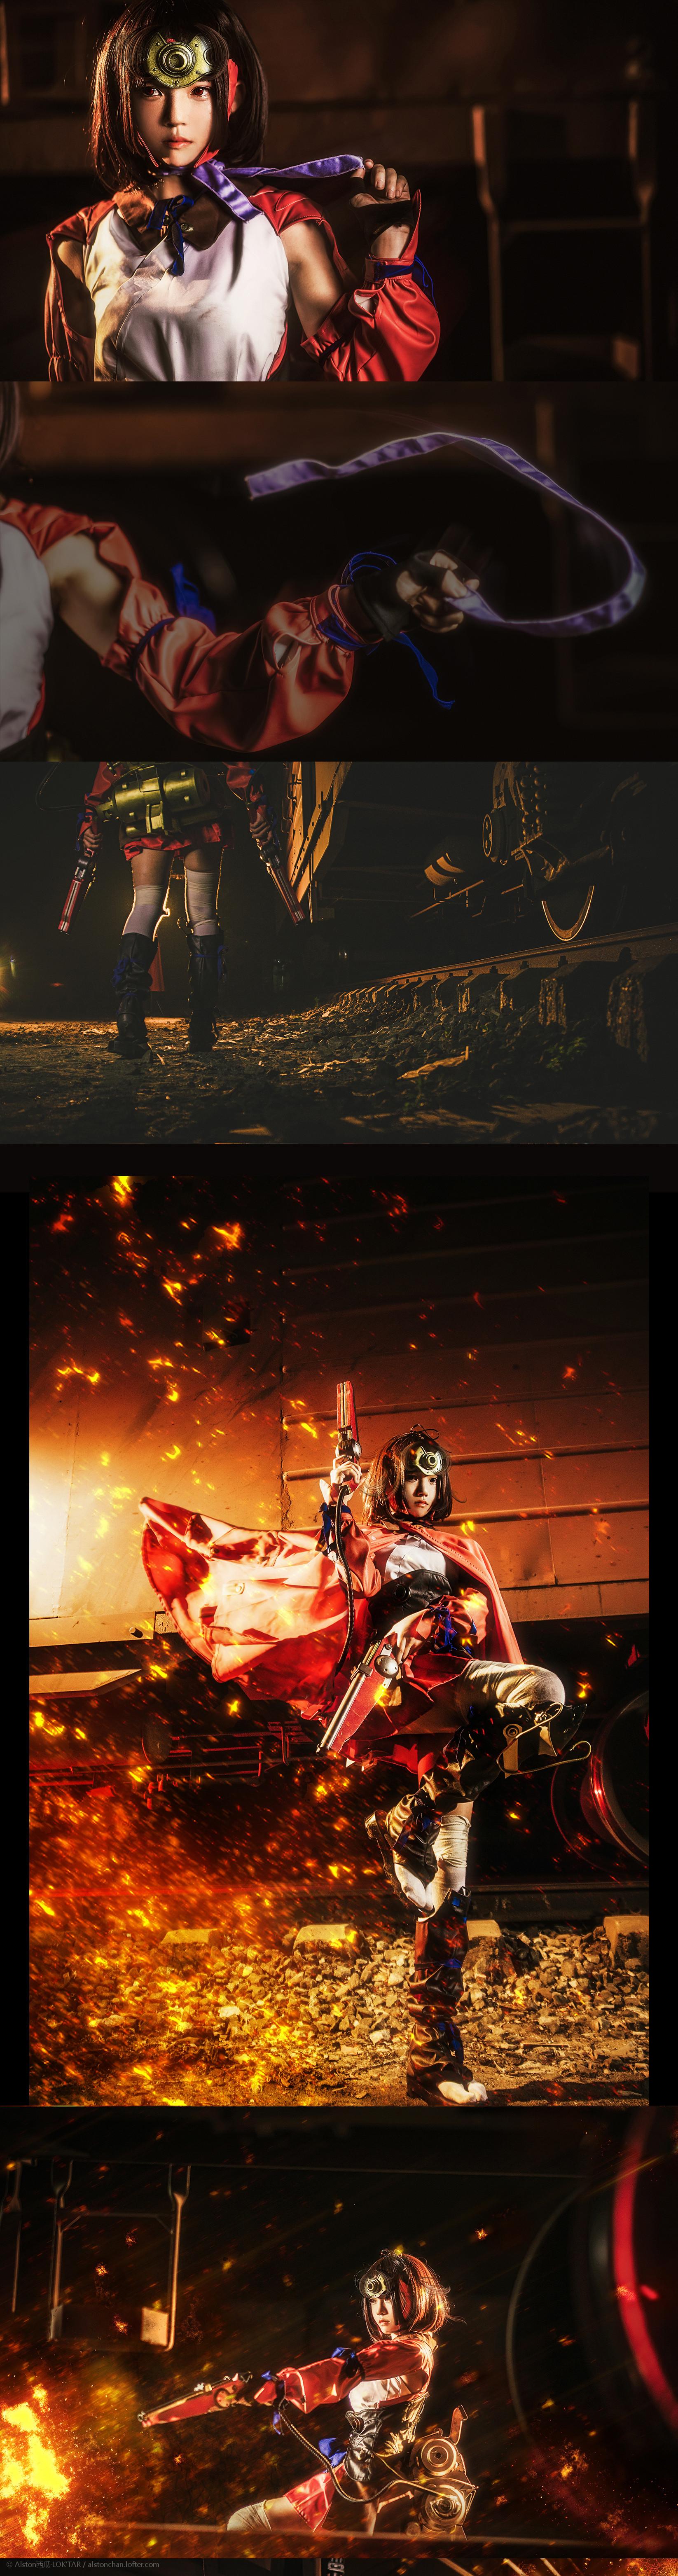 免费⭐微博红人⭐桜桃喵@写真cos-甲铁城的卡巴内瑞(桜桃喵)插图4